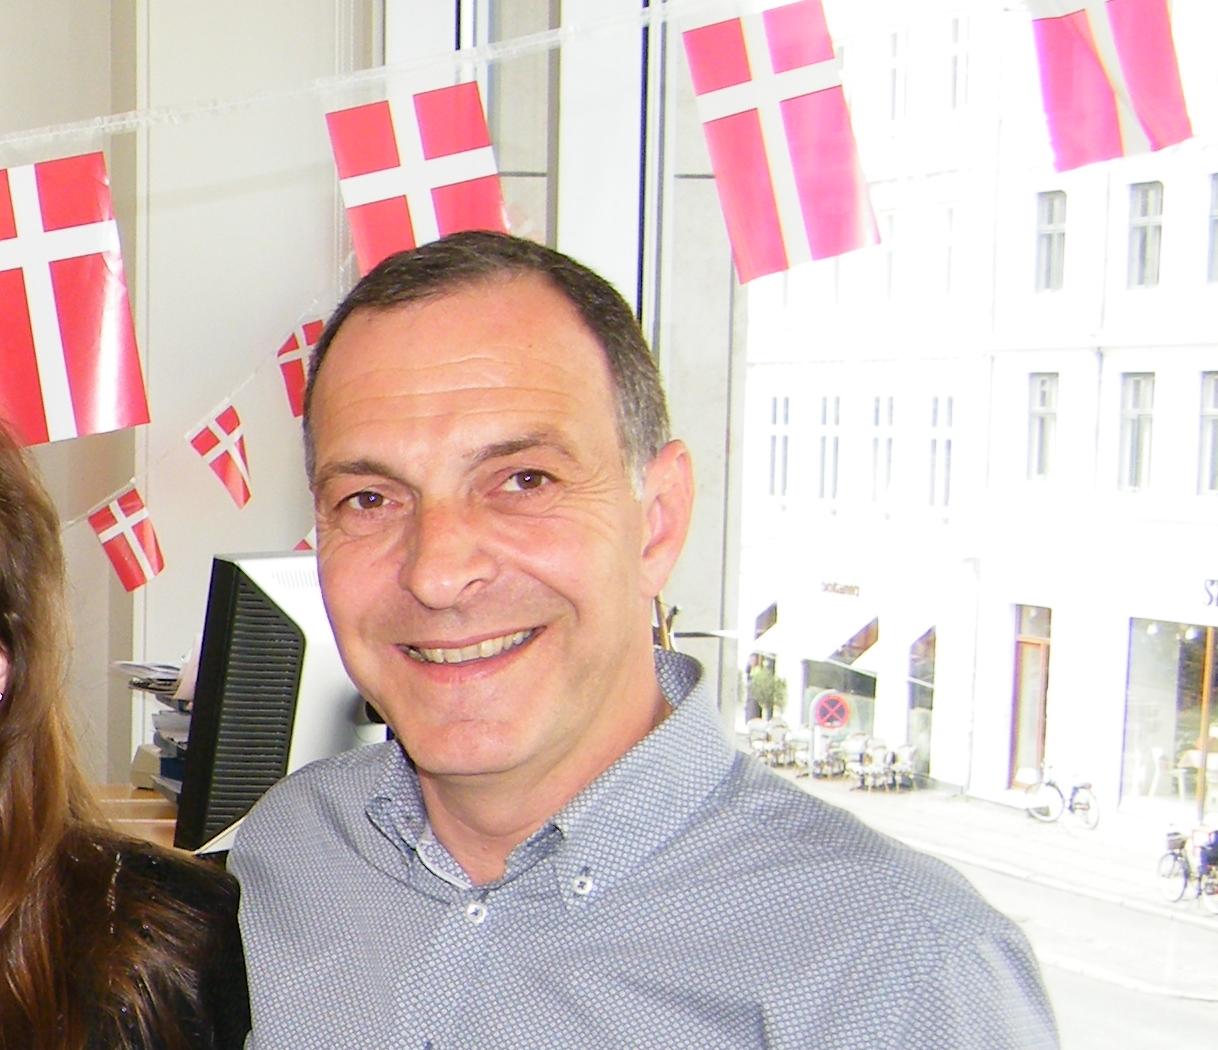 54-årige Patrick Menzies stopper som nordisk salgschef for konkurstruede South African Airways. Arkivfoto: Henrik Baumgarten.